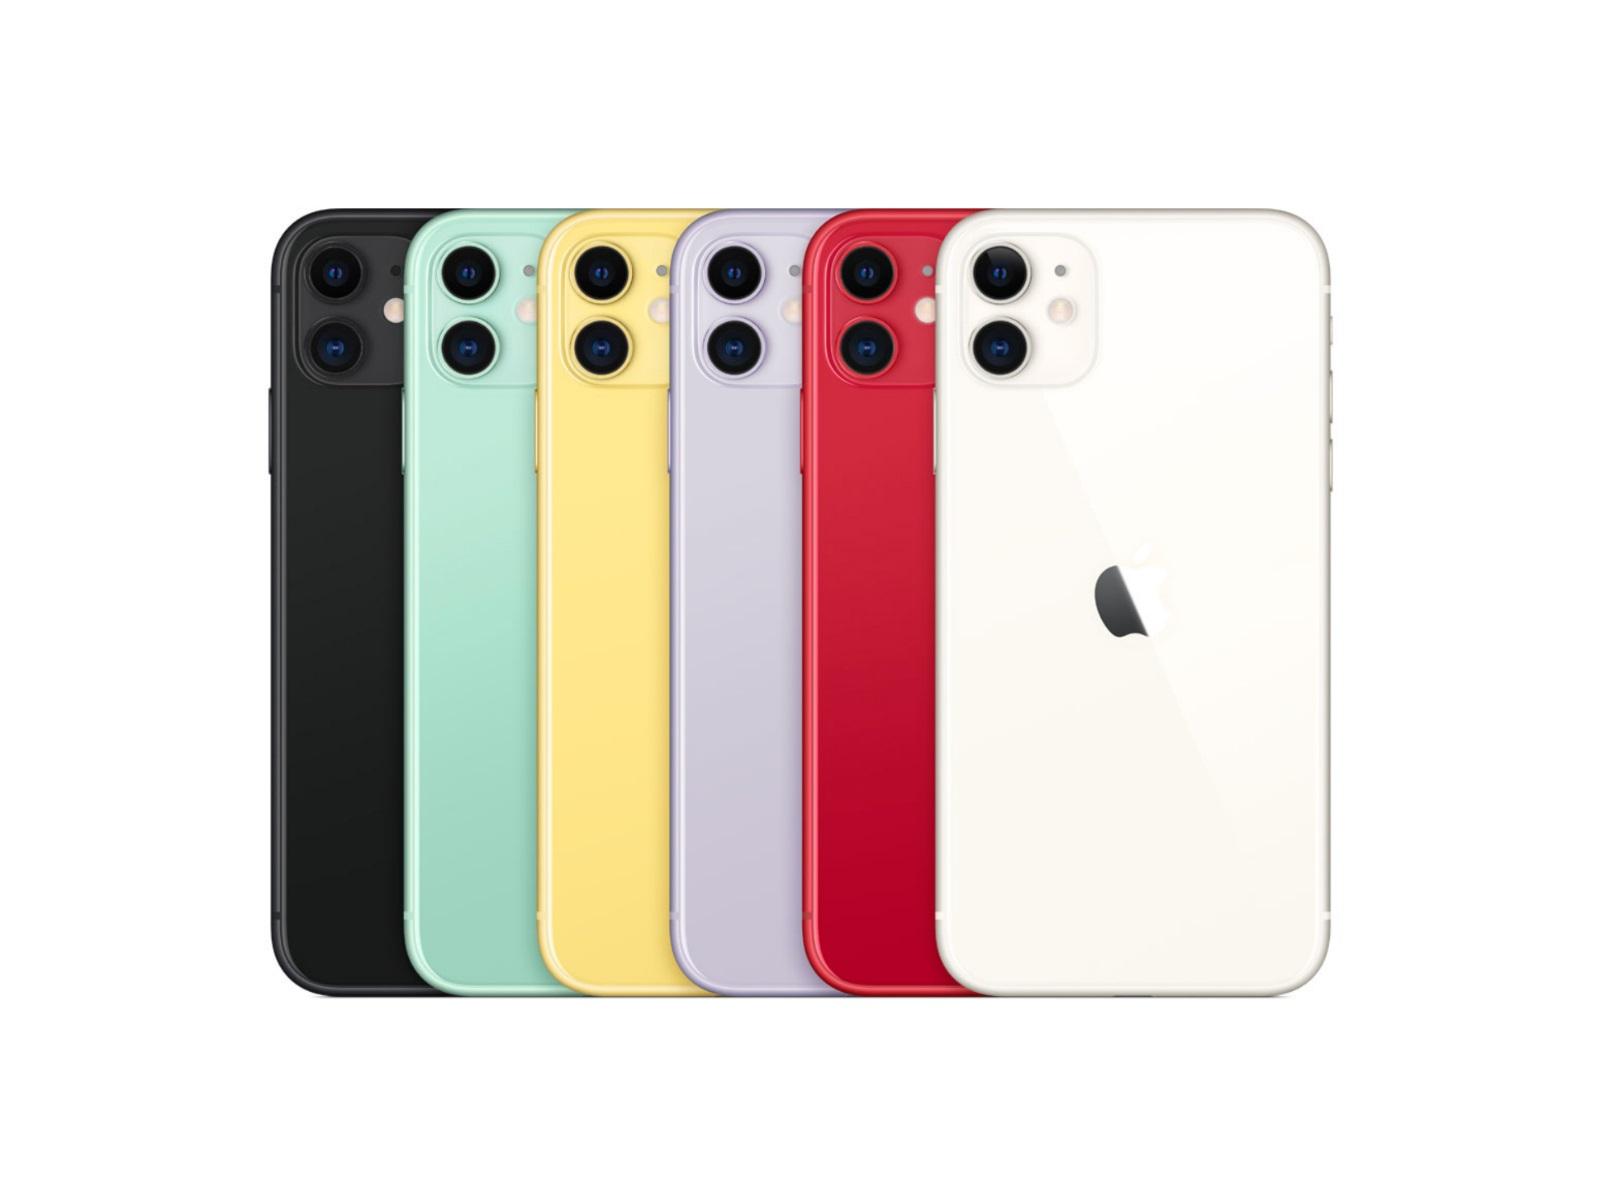 مزايا وعيوب الهاتف الأول من بين أحدث هواتف Apple الجديدة iPhone 11